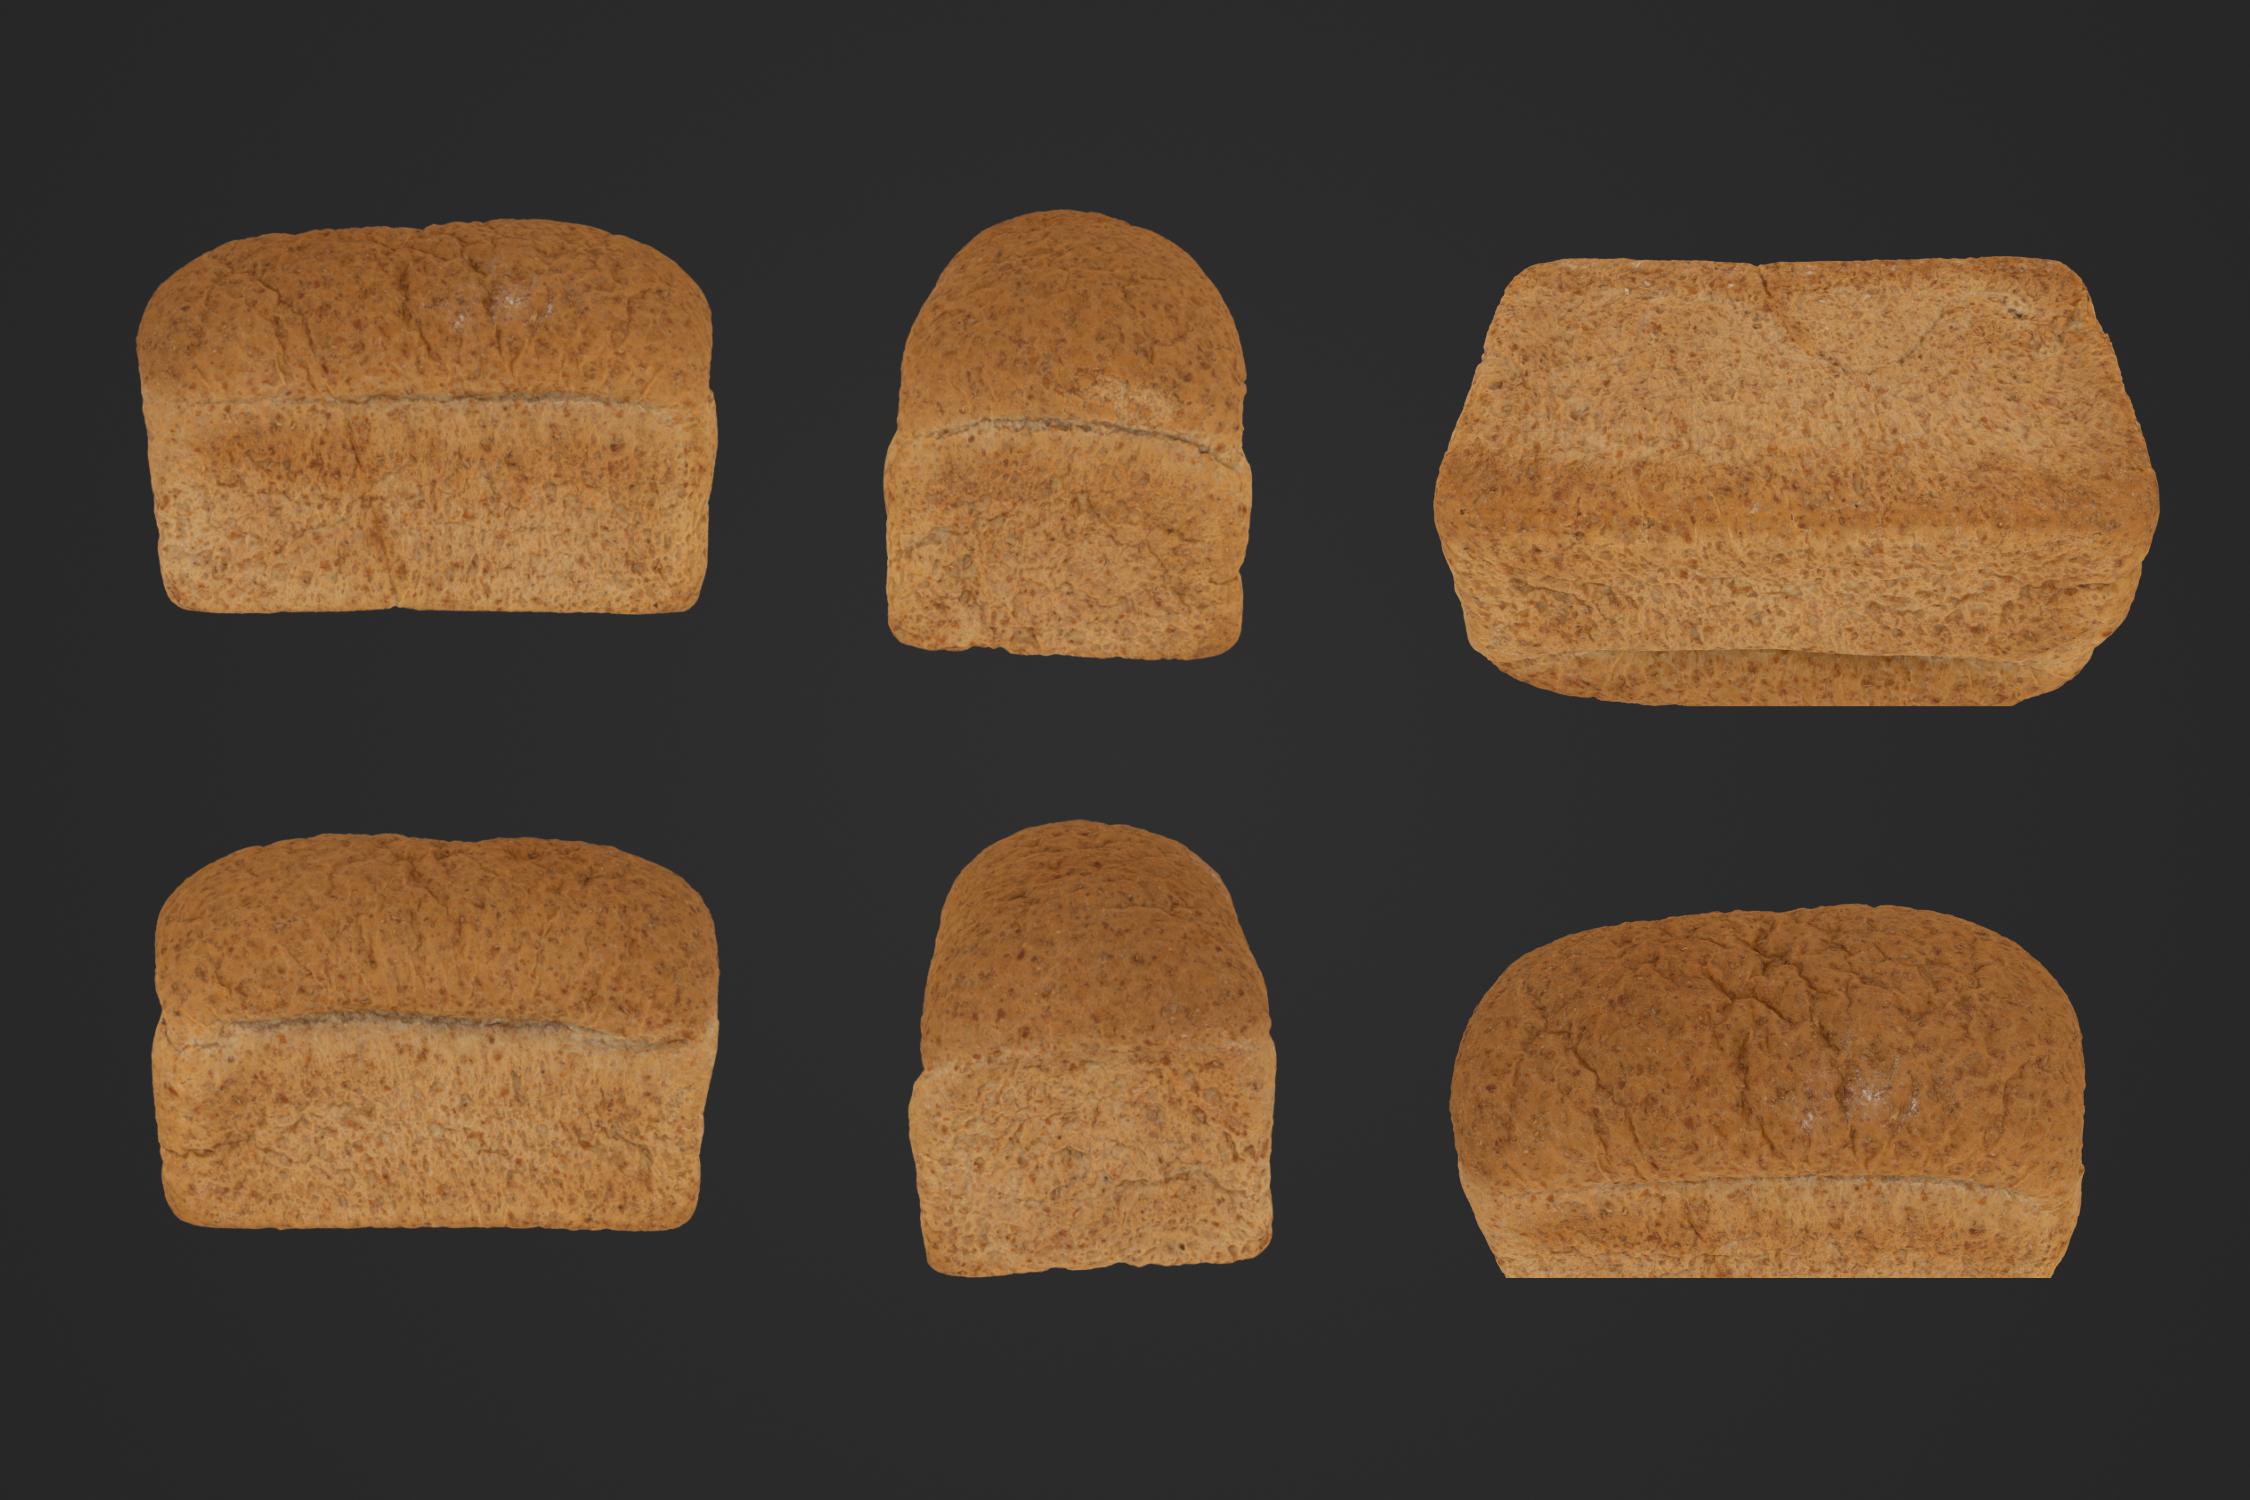 Brown_Bread_Loaf_1_1.jpg